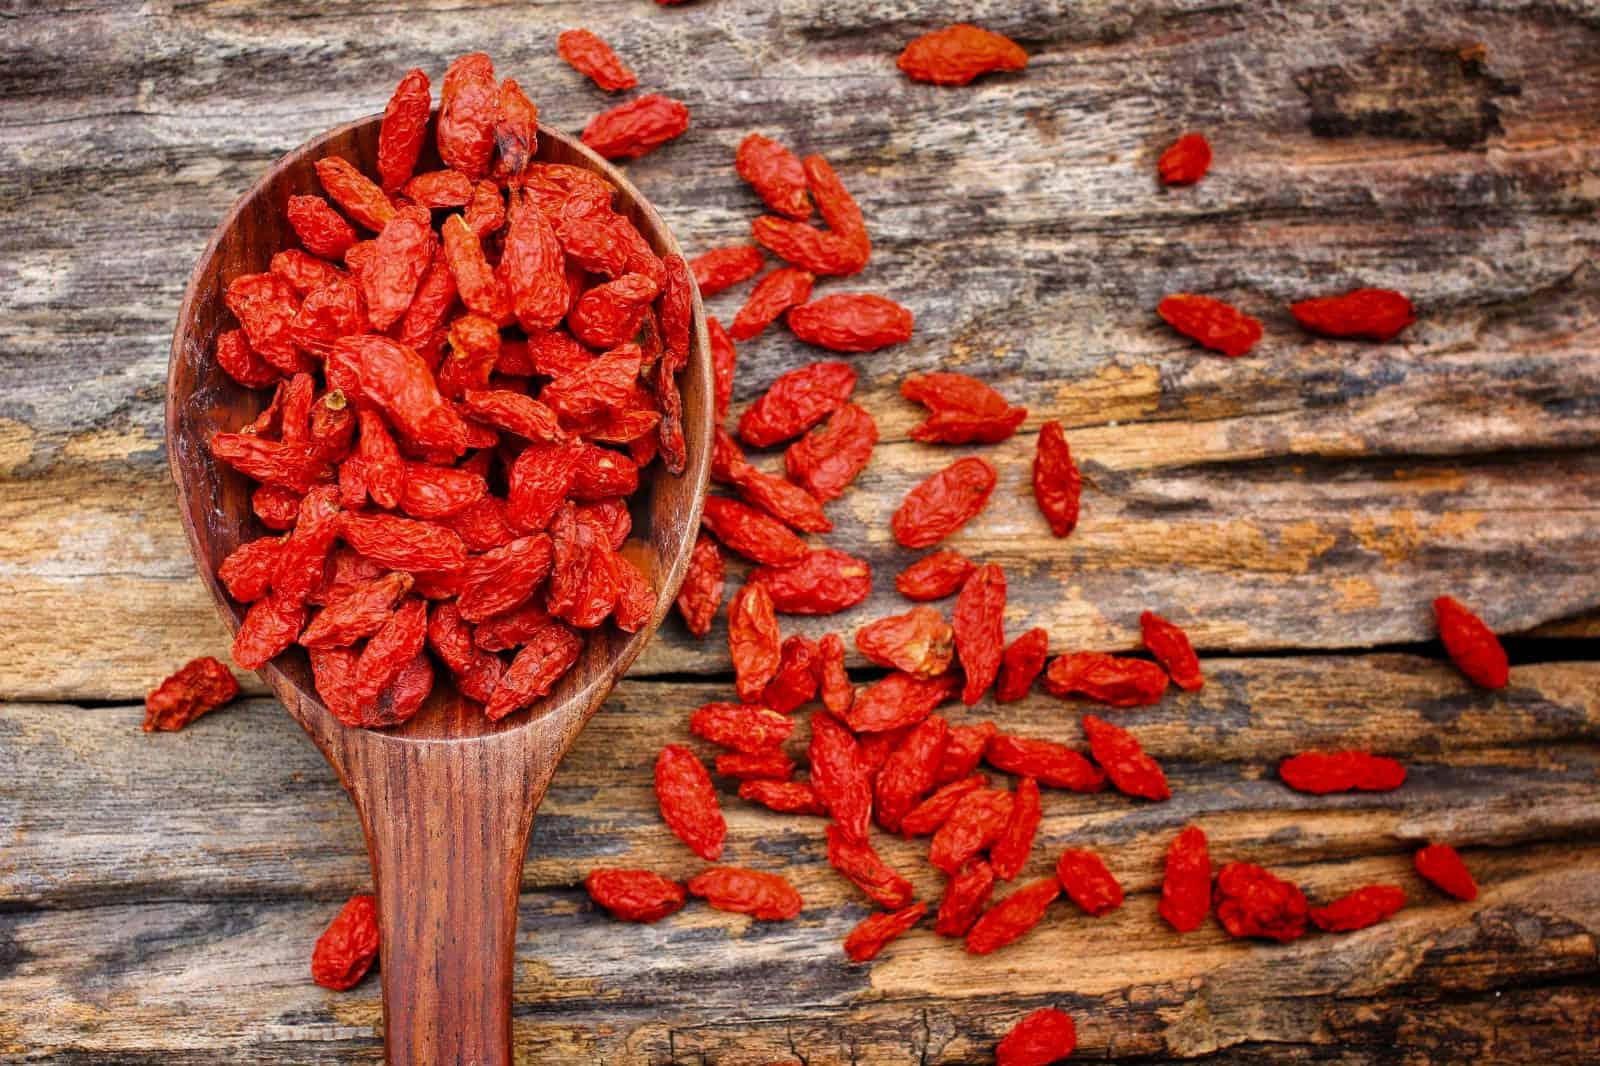 Goji Berry Nedir Nasıl Kullanılır, Faydaları nelerdir, 2016 fiyatı ne kadardır